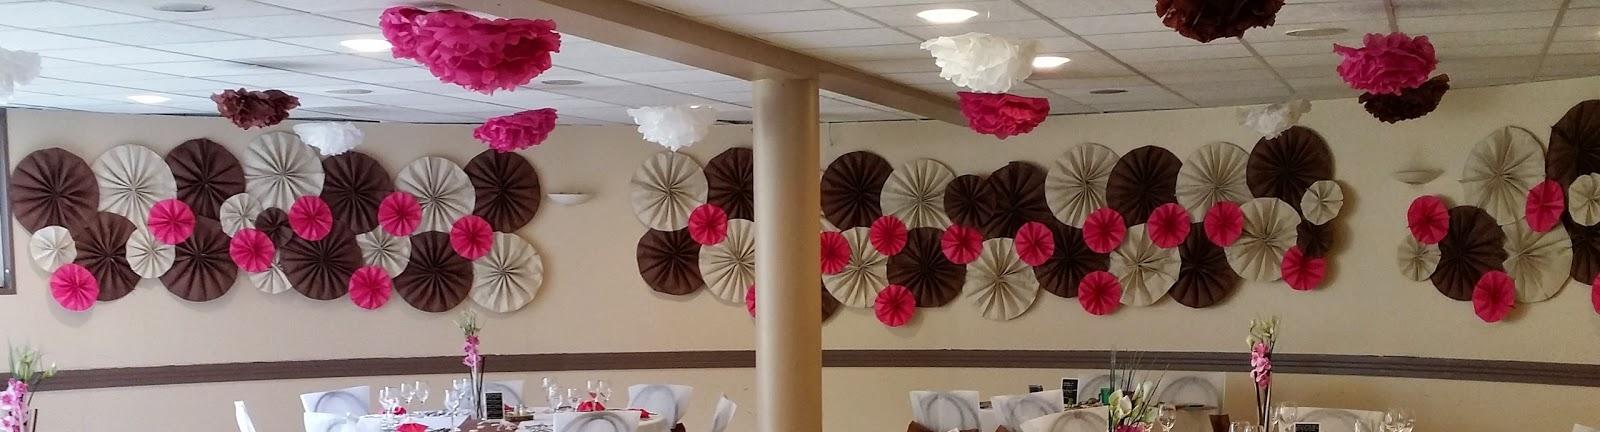 une trentenaire cr a 39 ctive diy d coration murale en rosaces de papier peint. Black Bedroom Furniture Sets. Home Design Ideas